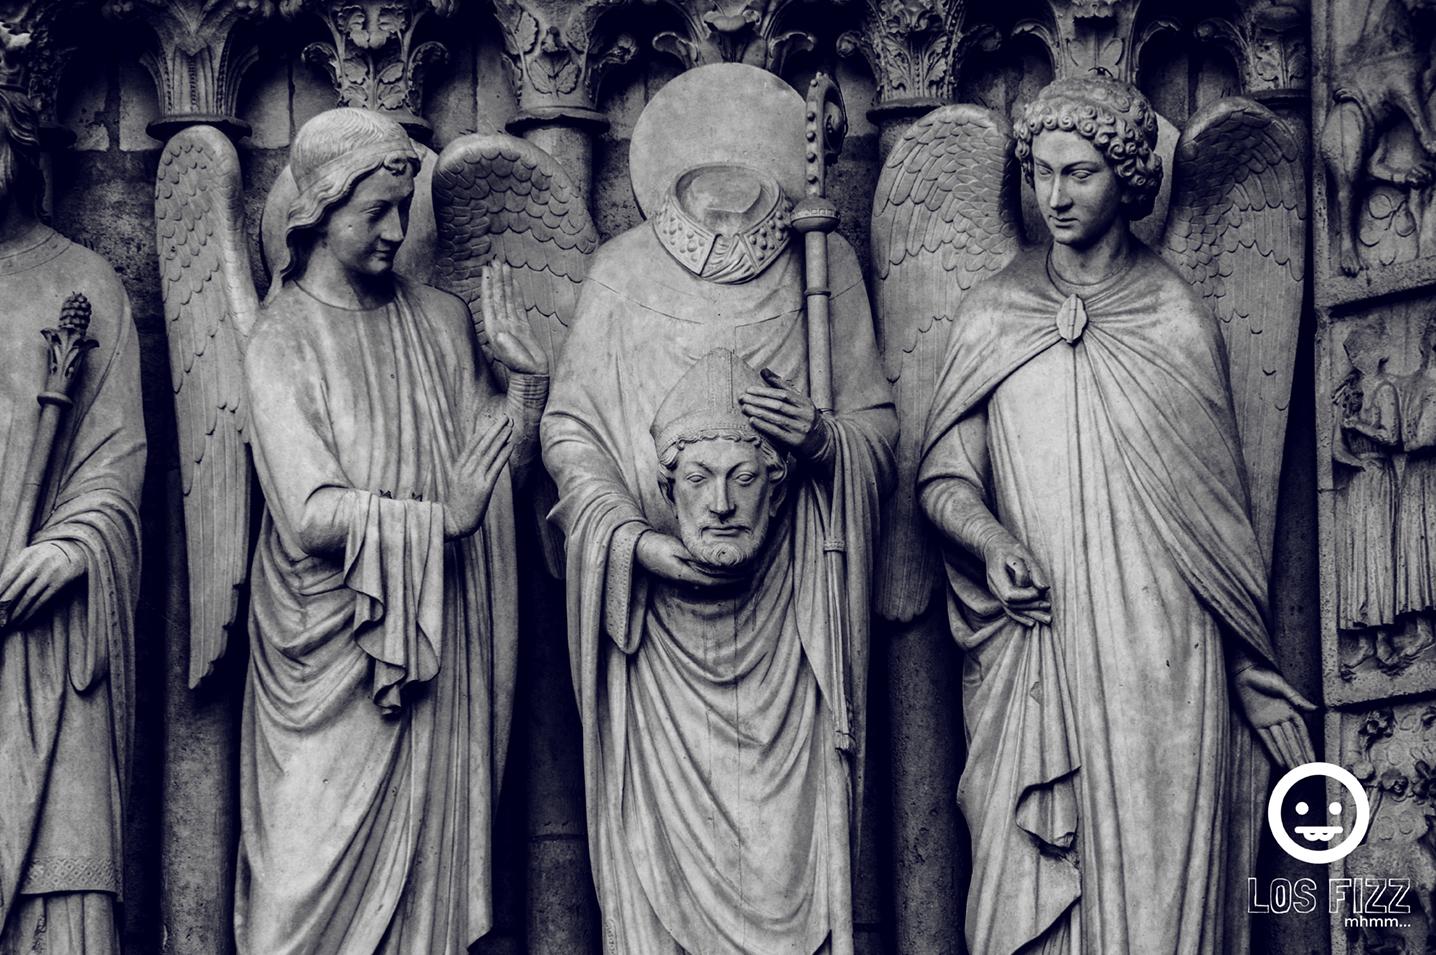 Notre Dame Statues. Photo By Losfizz. 2017 Paris, France